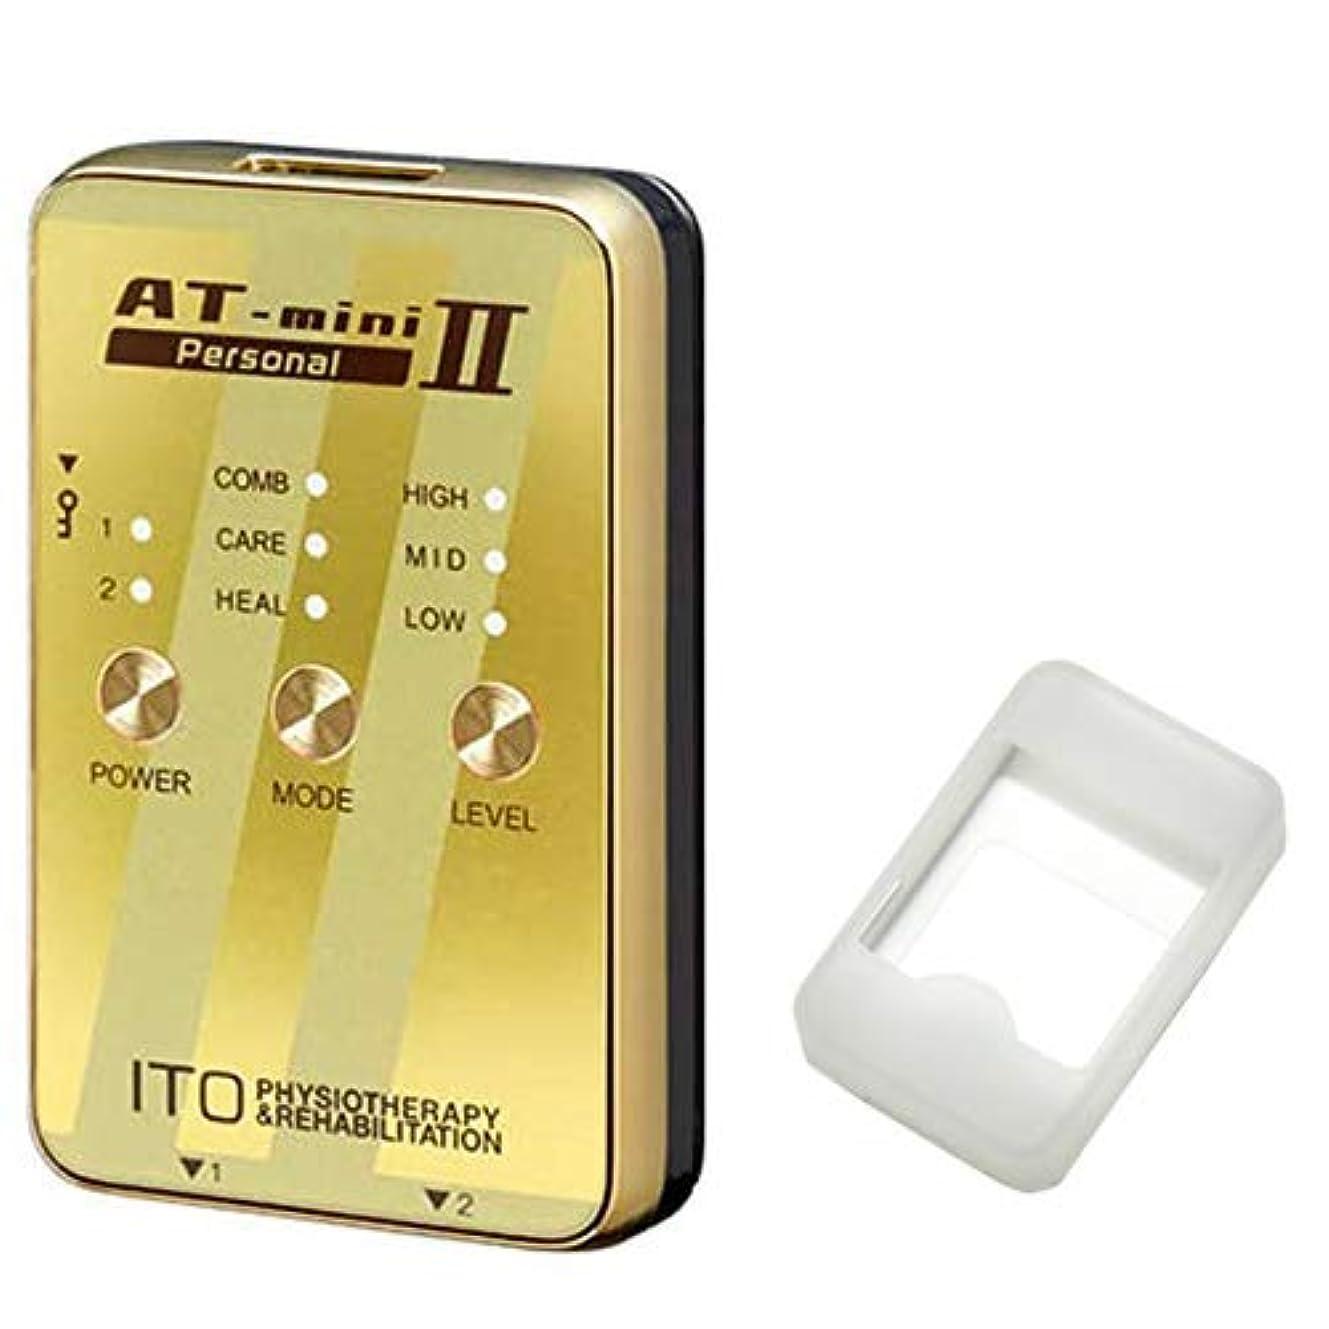 保存同様にスカート低周波治療器 AT-mini personal II ゴールド (ATミニパーソナル2) + シリコン保護ケース